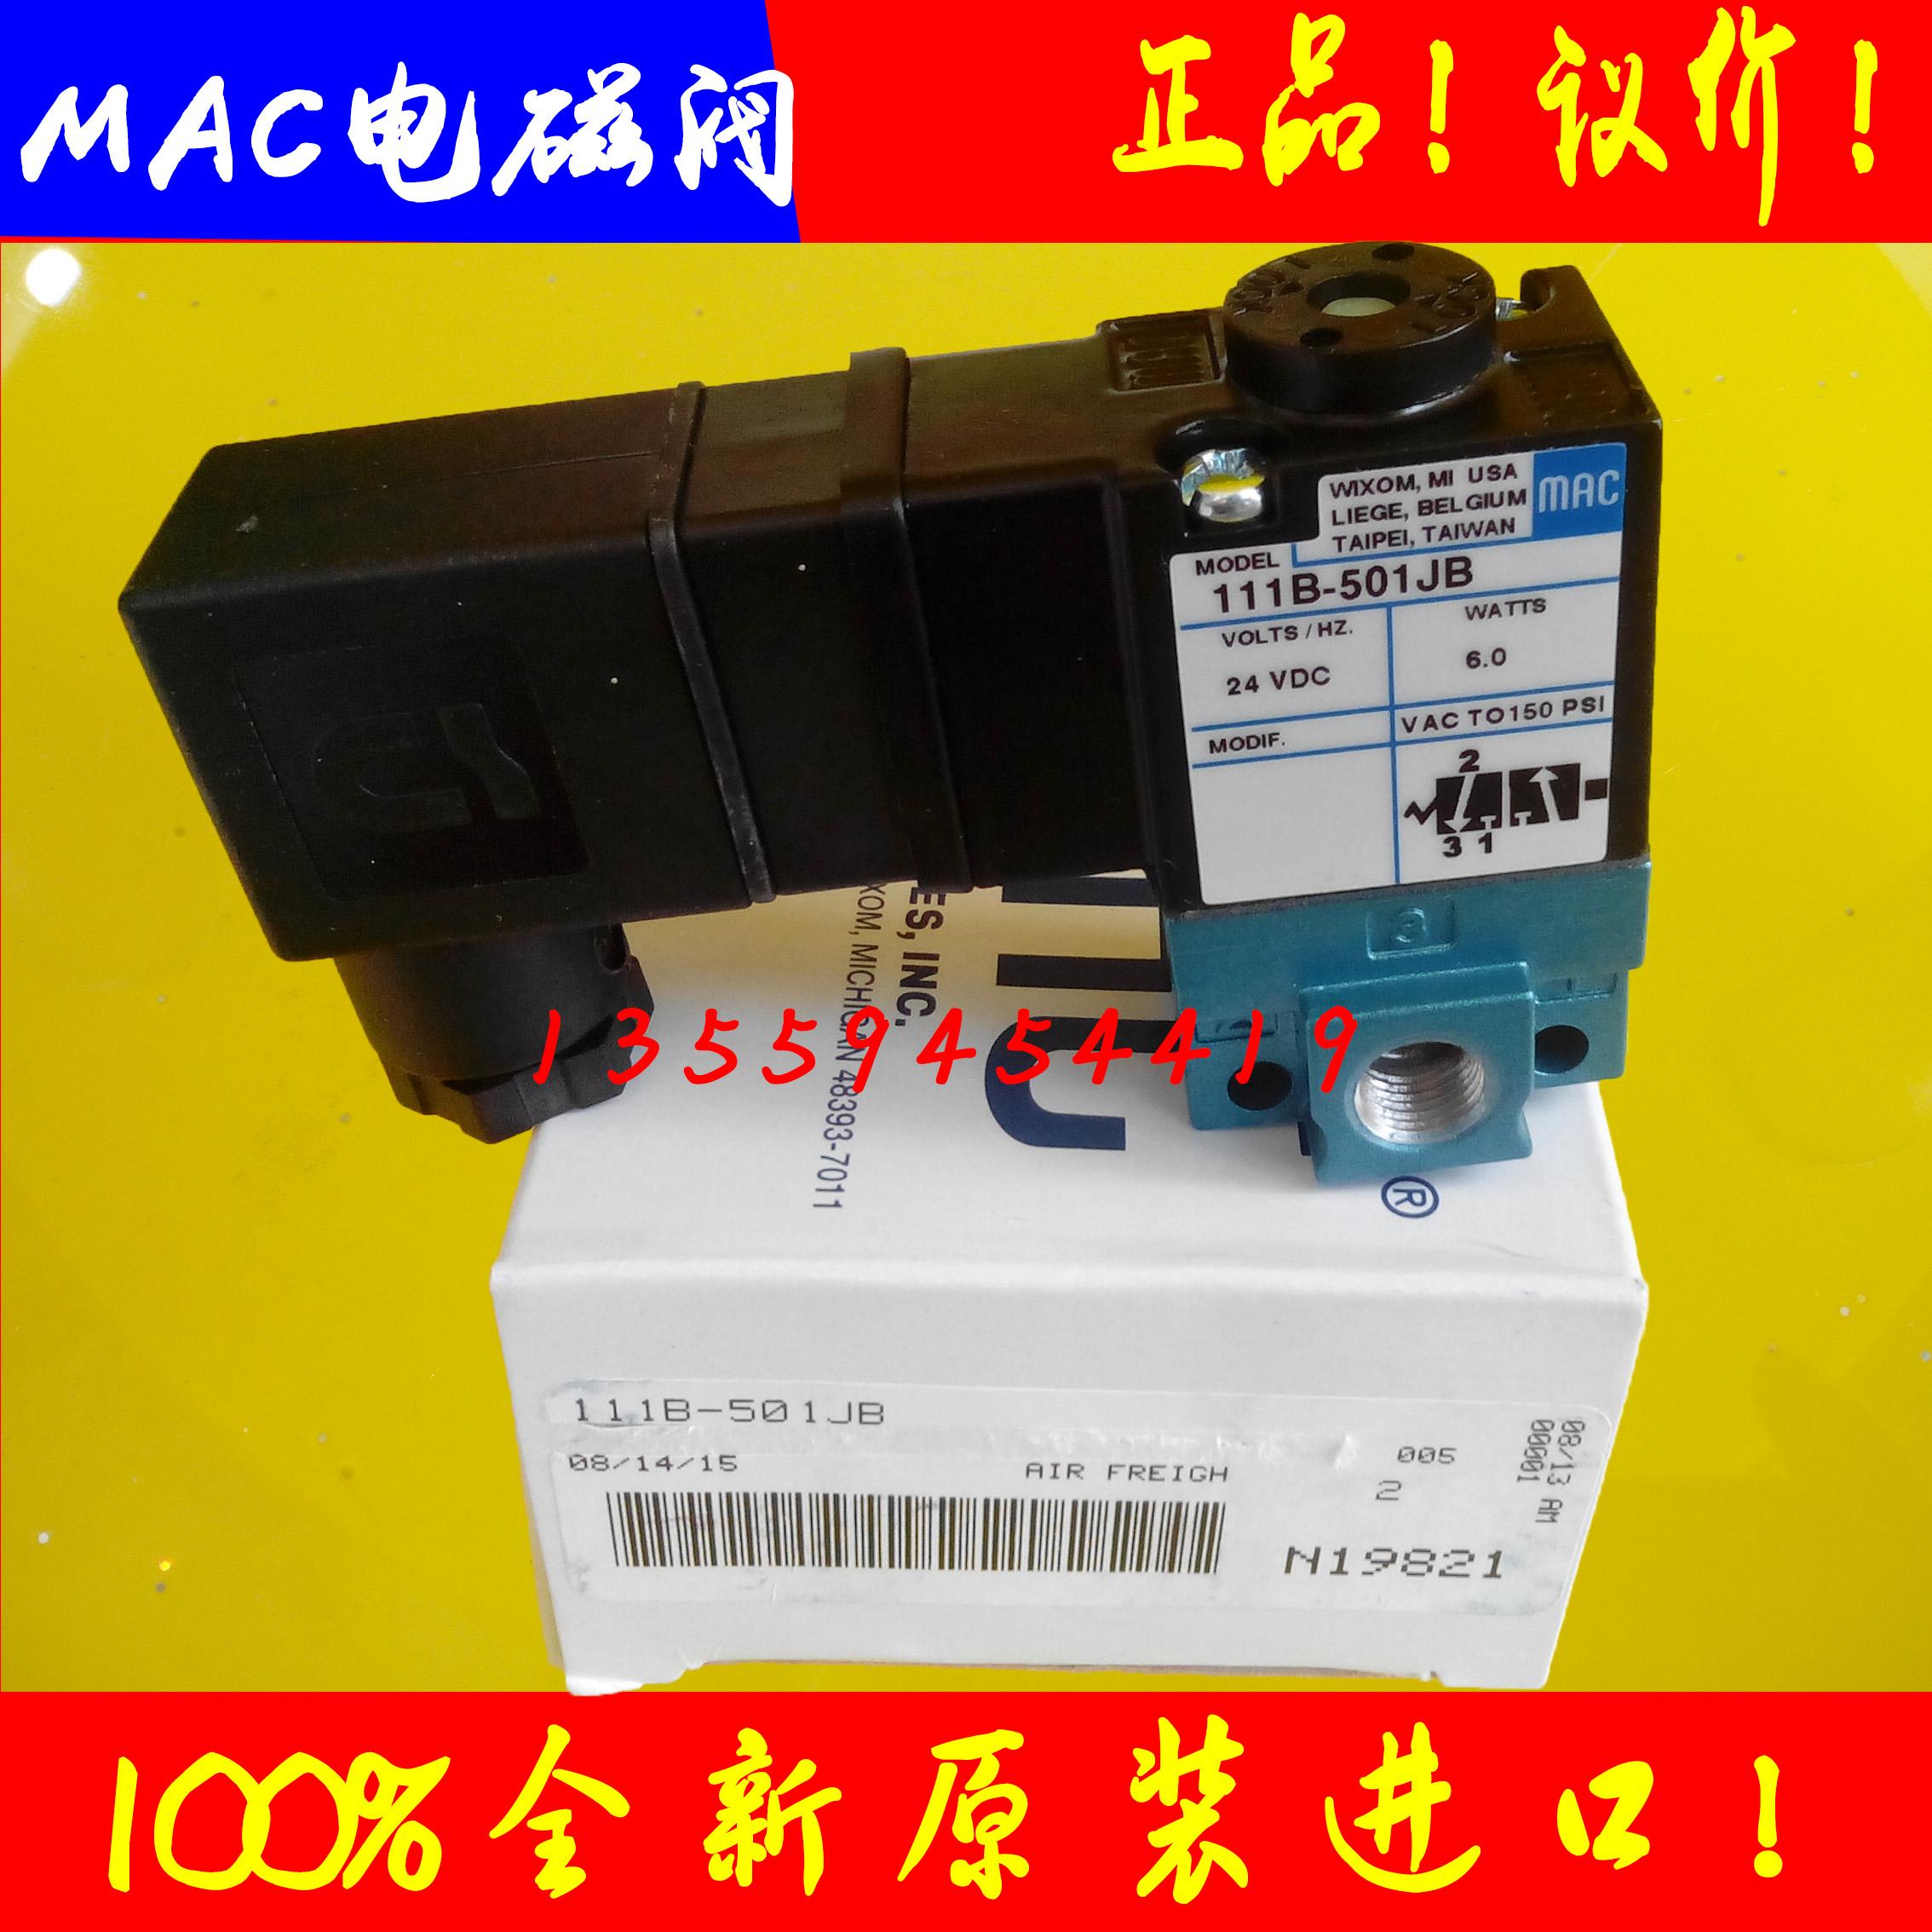 100% echte originele Amerikaanse MAC elektromagnetische klep 111B-501JB een straf van tien contante pakje post.